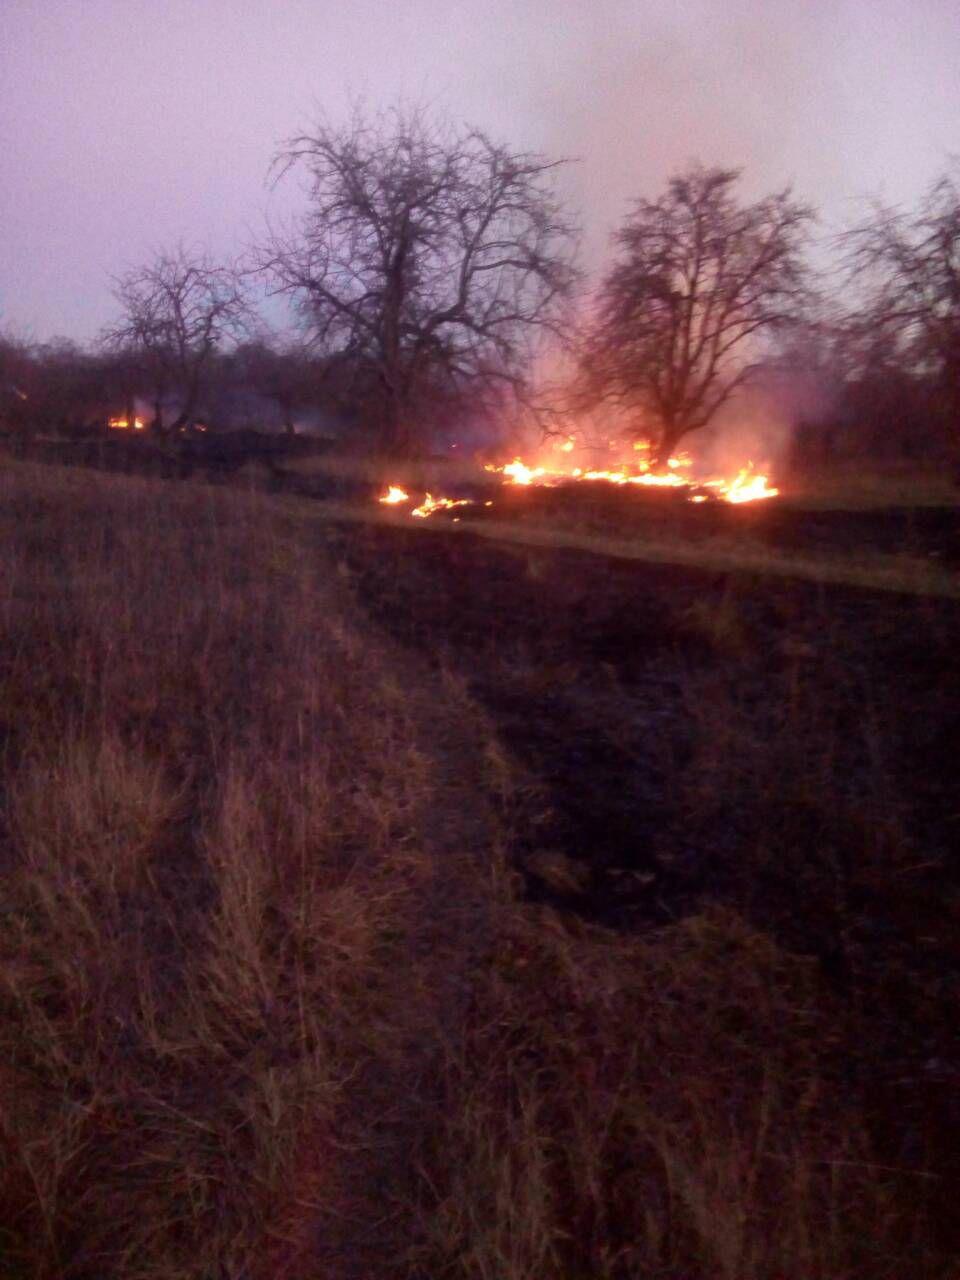 За минулу добу в екосистемах Іванківщини сталося п'ять пожеж, в яких горіли гектари трави -  - photo 2020 03 16 11 41 27